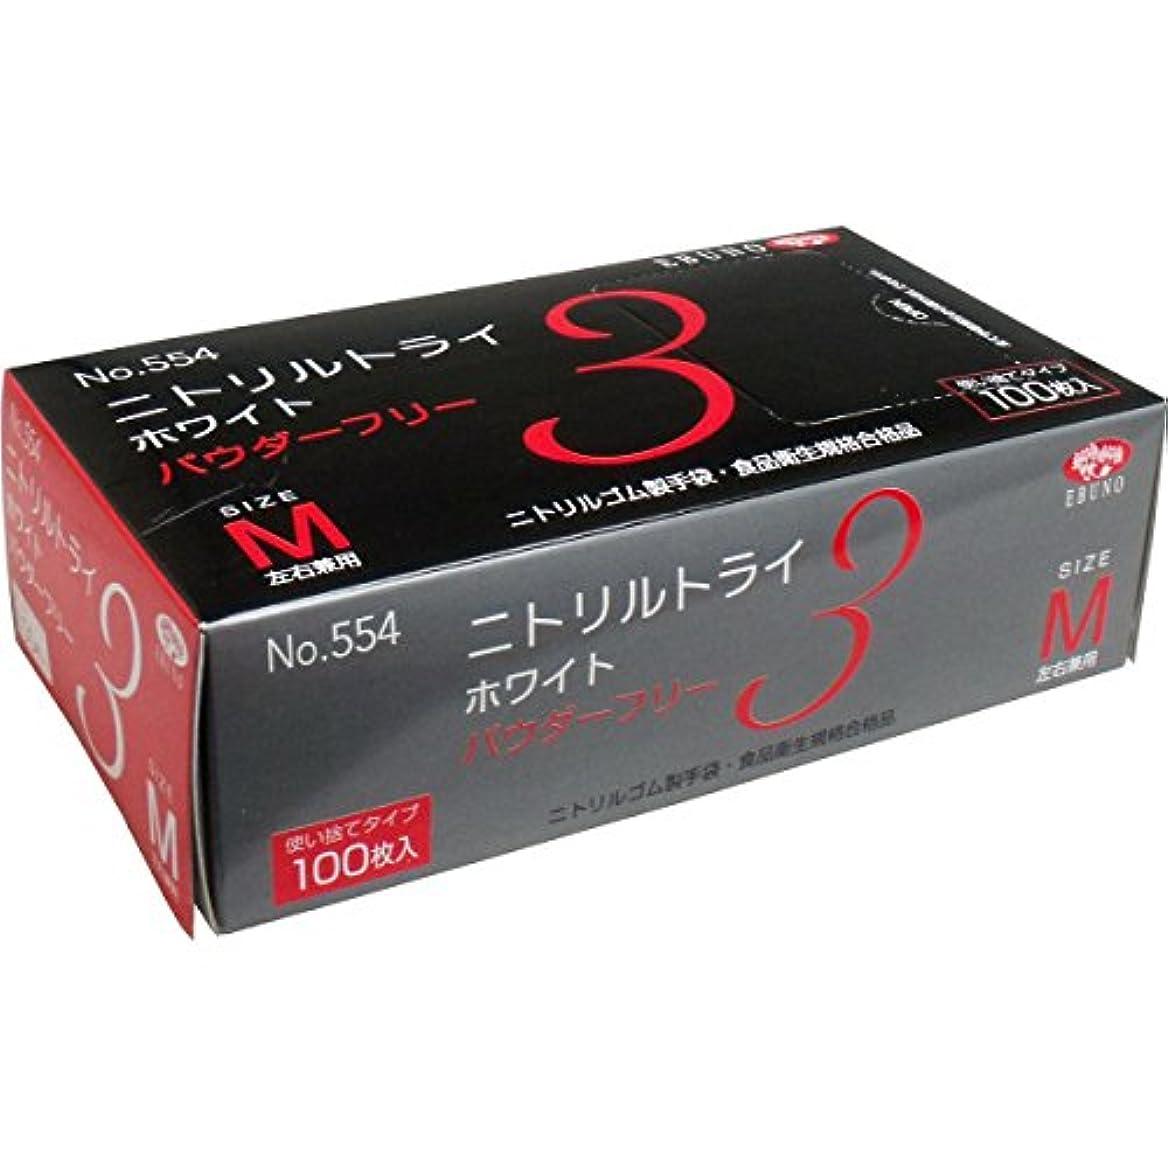 消費者うれしいセグメントニトリルトライ3 手袋 ホワイト パウダーフリー Mサイズ 100枚入×10個セット